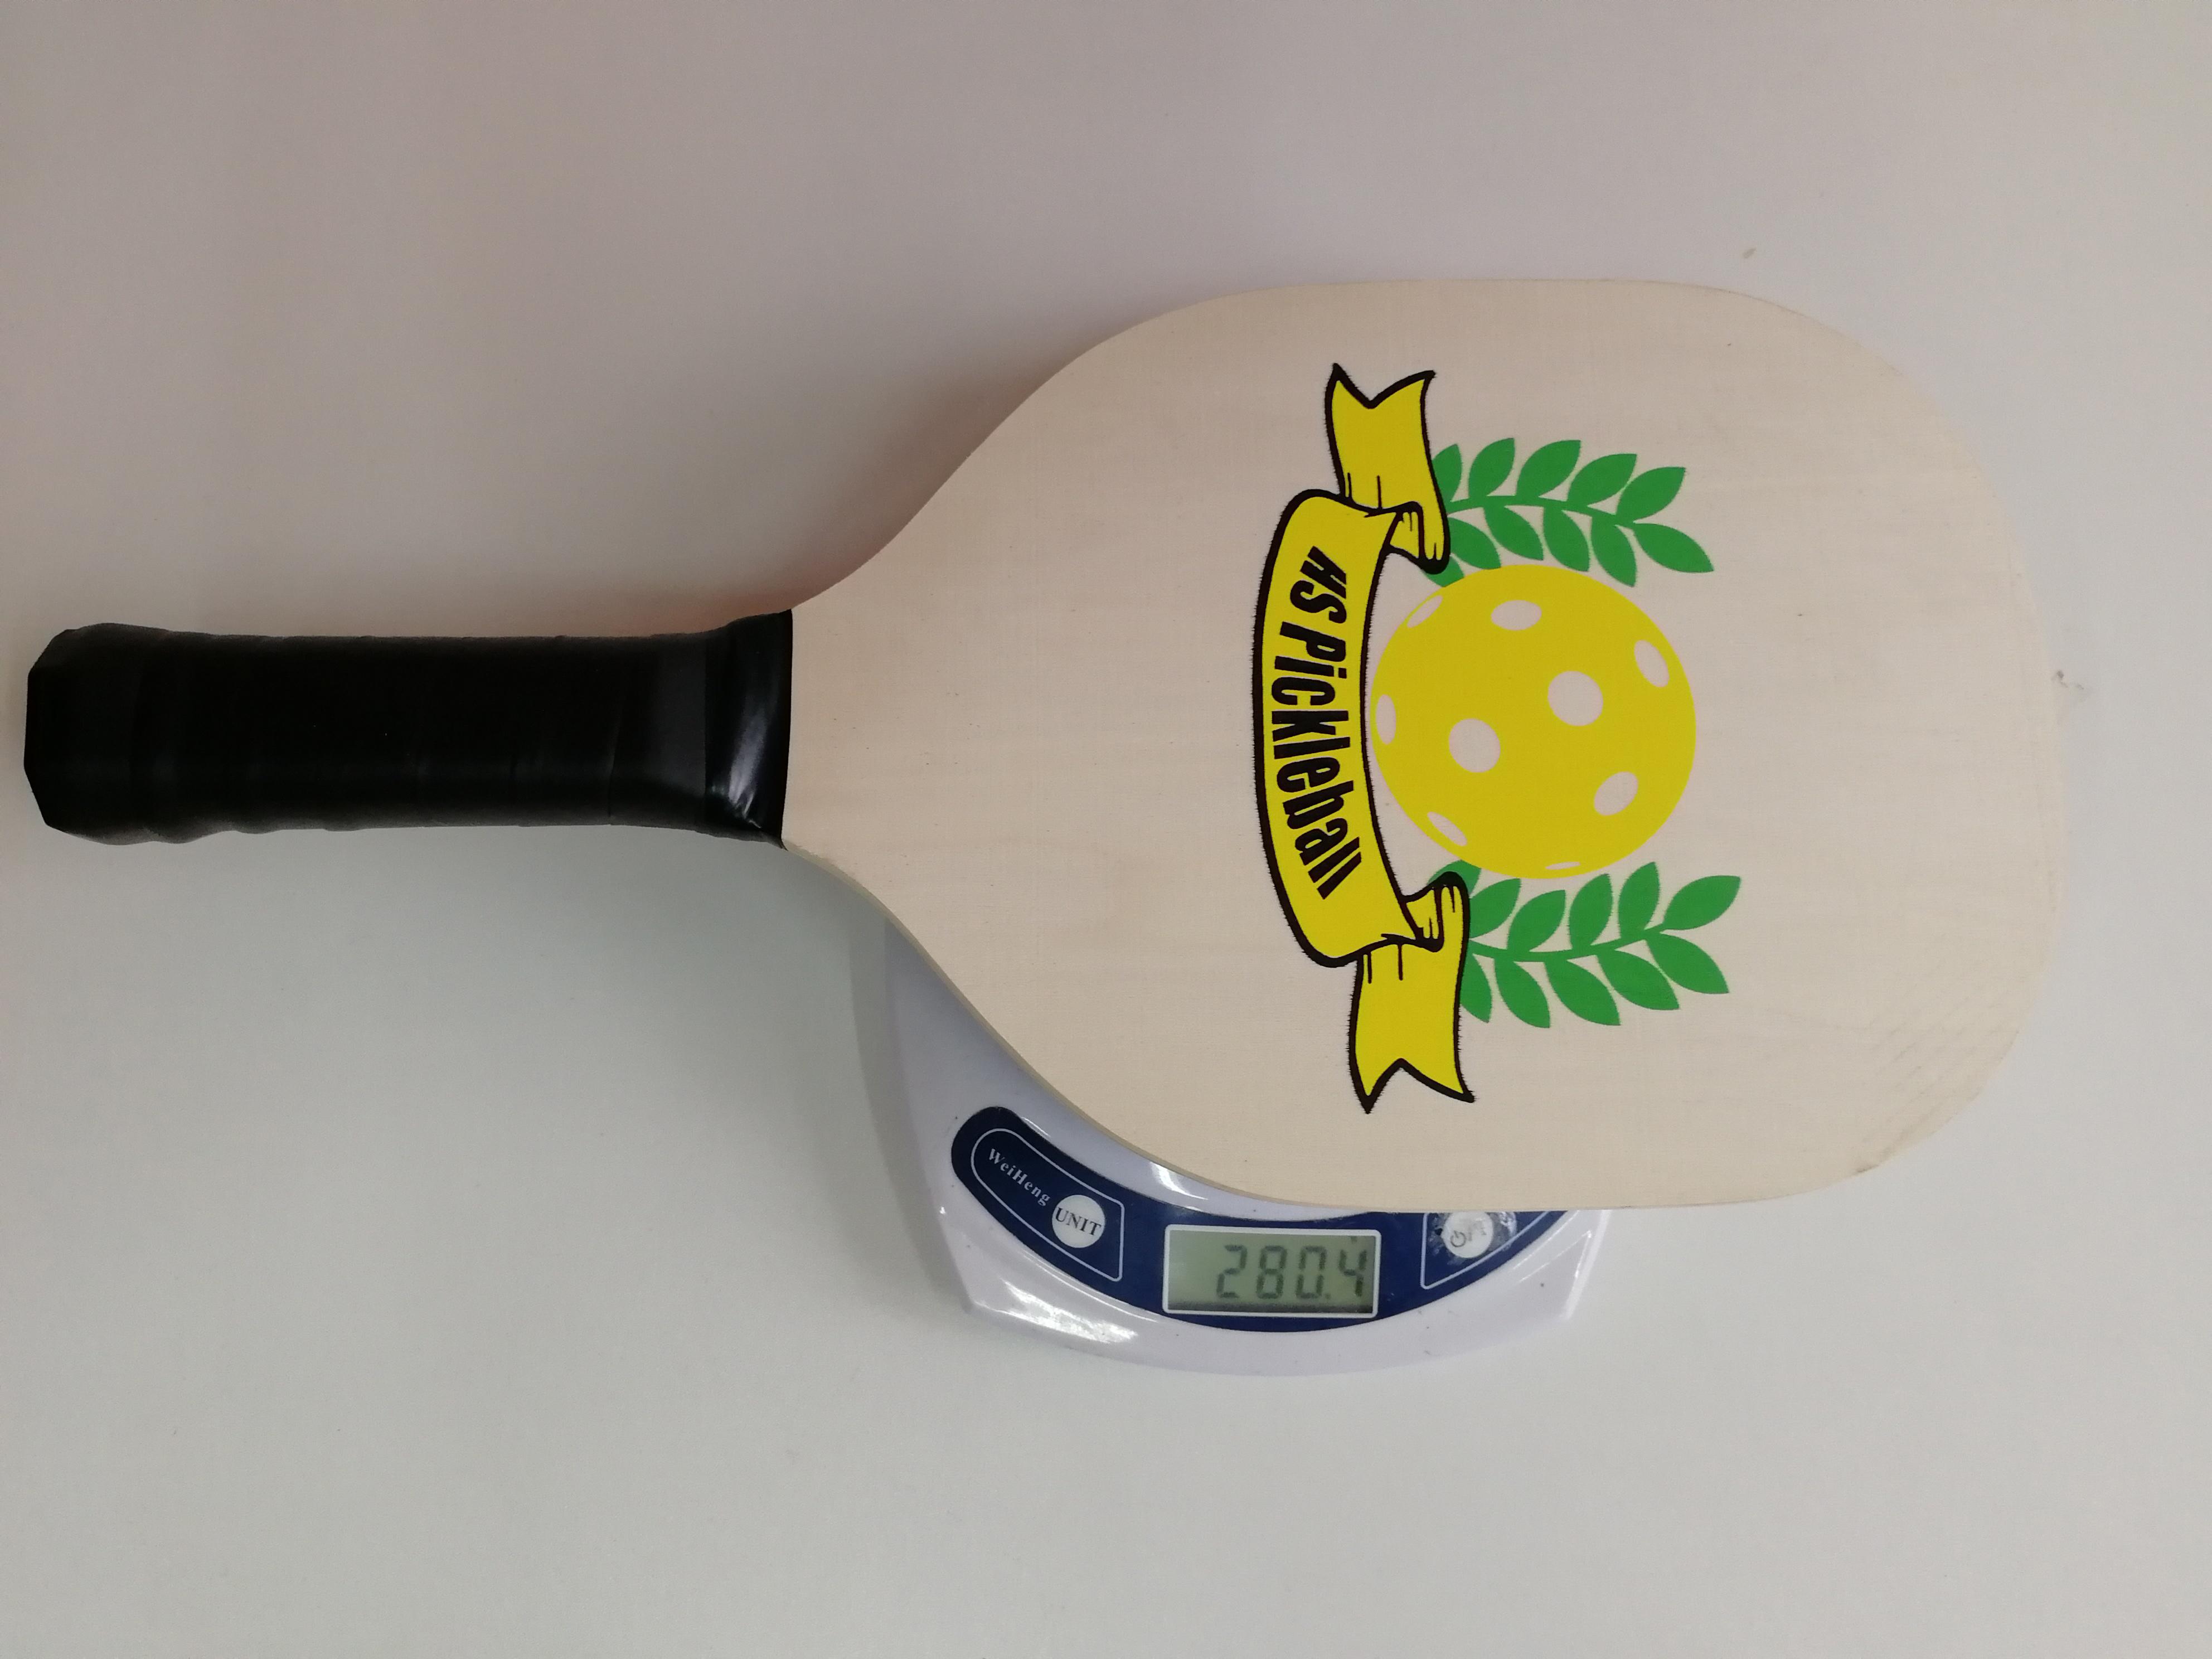 Деревянные лопатки для маринбола из кленового дерева, одобренные usкак, набор из 2 ракеток для маринбола и 4 мячей